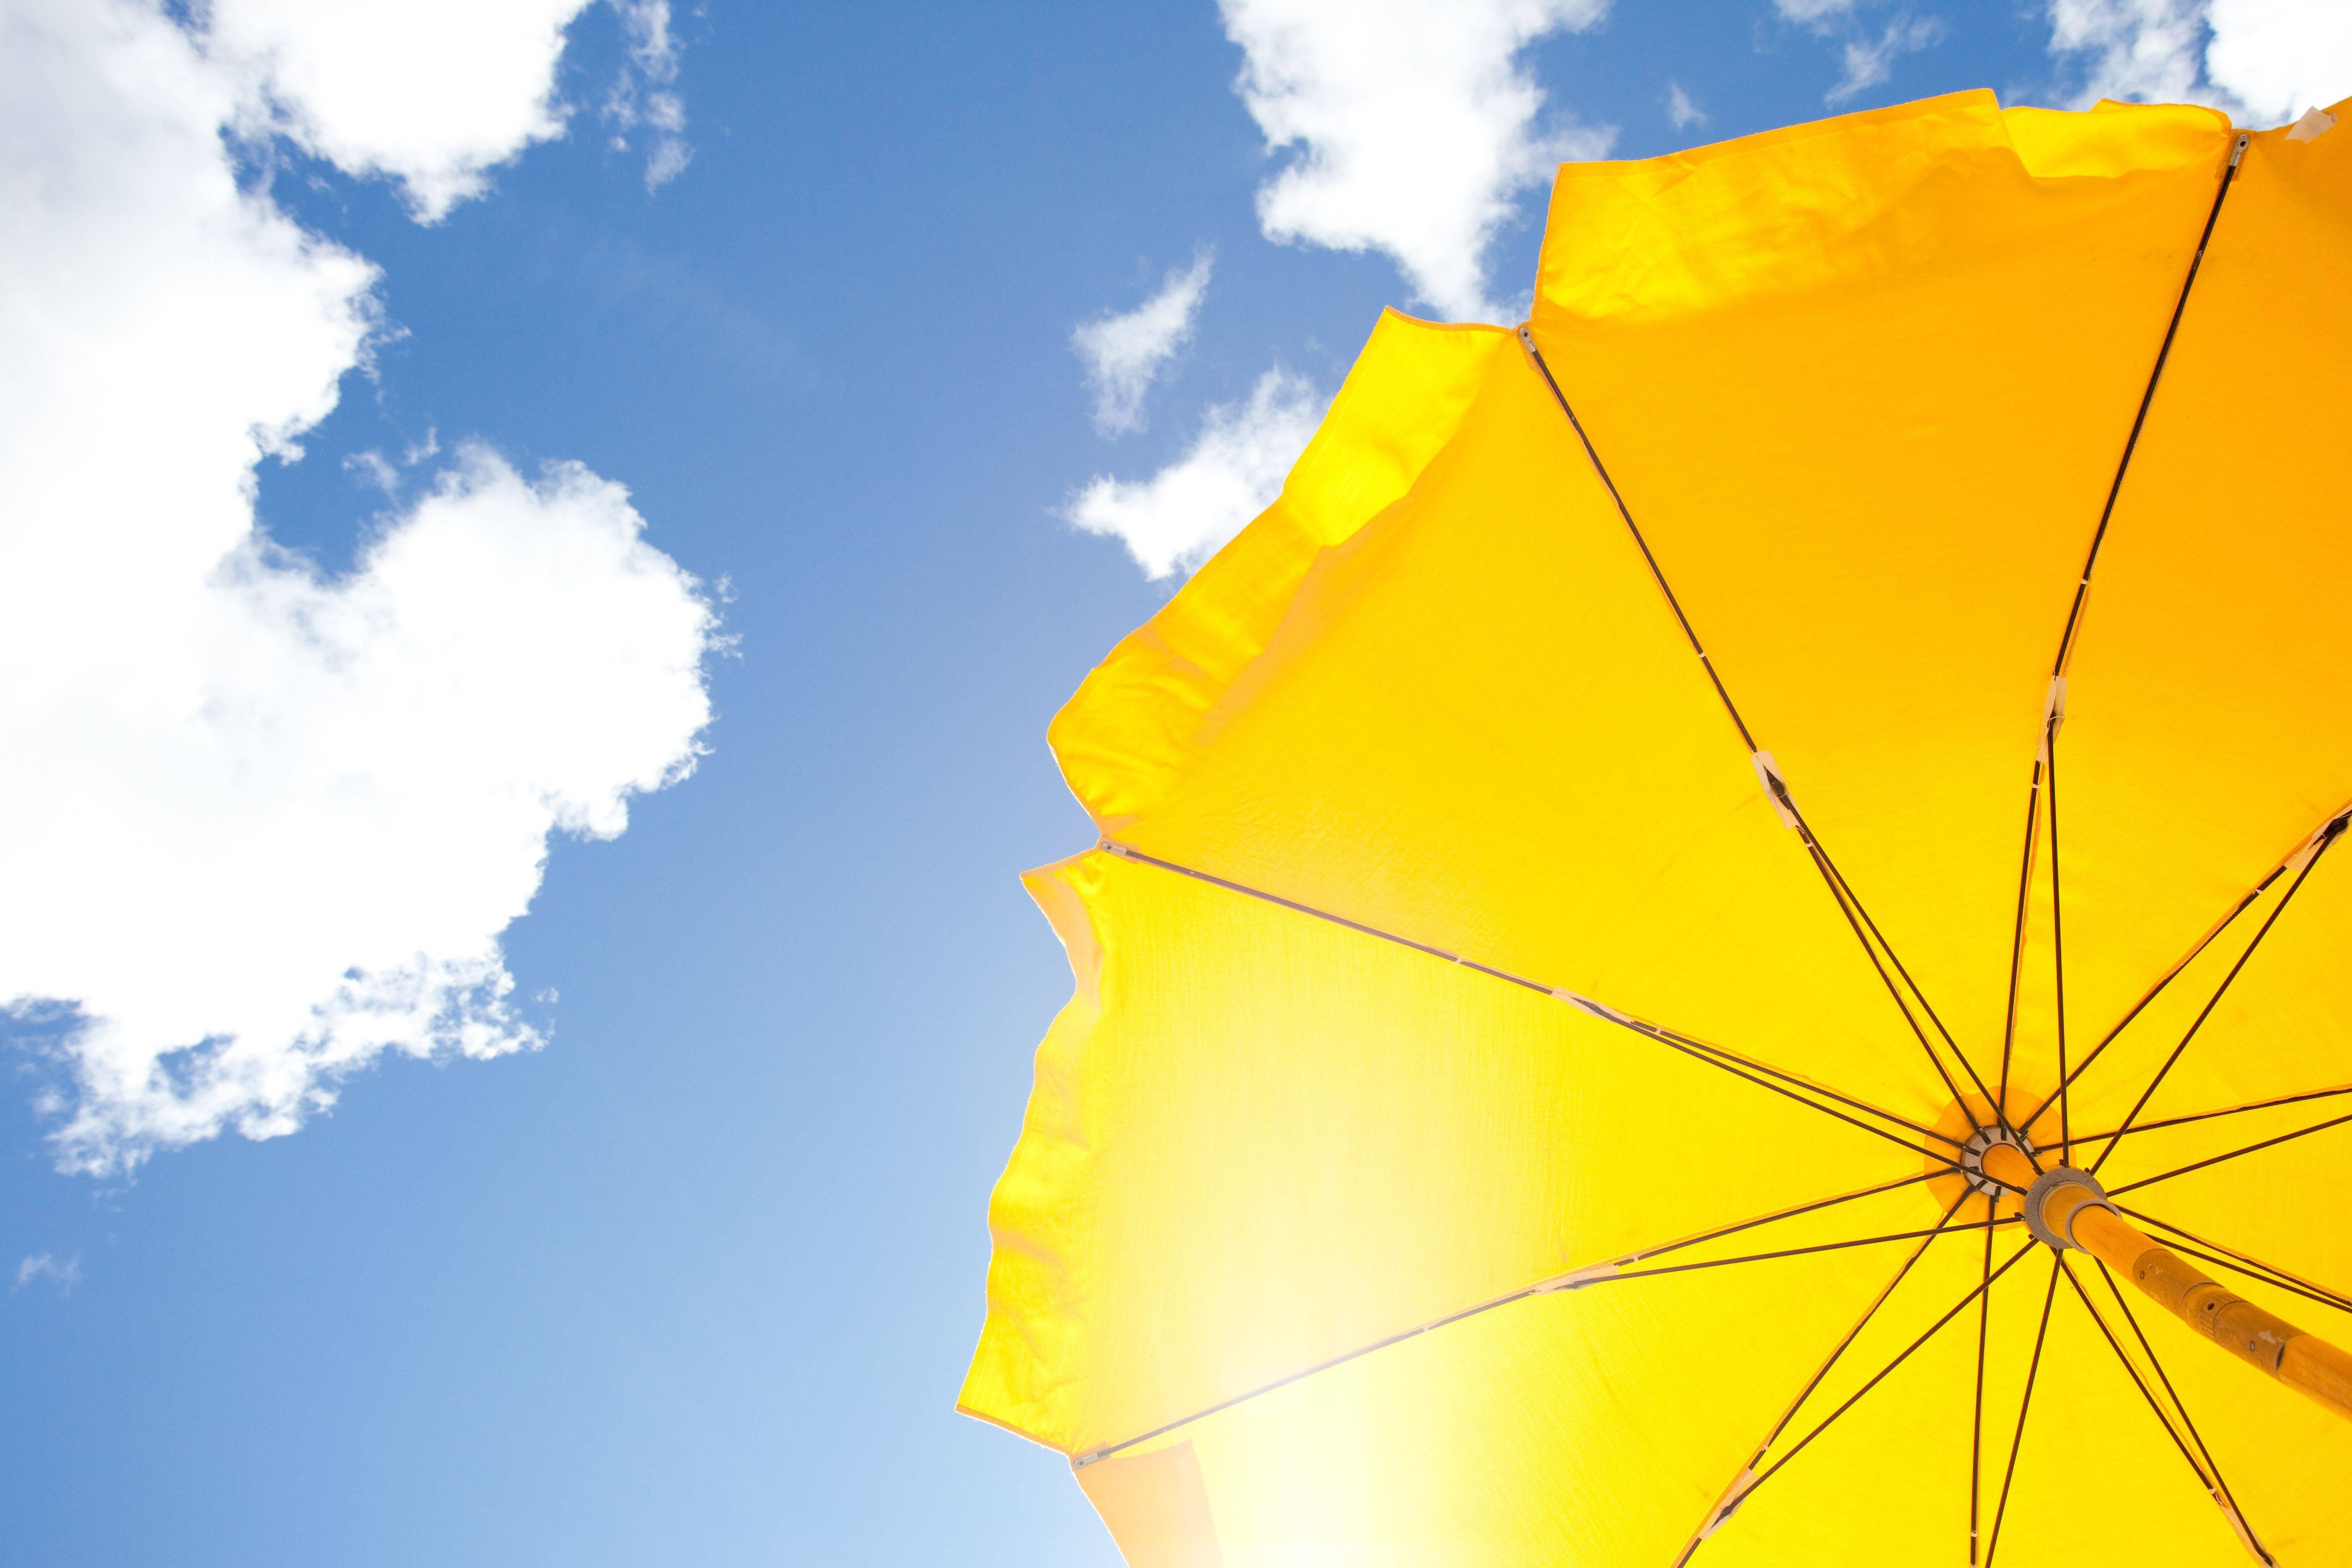 Parasol buying guide